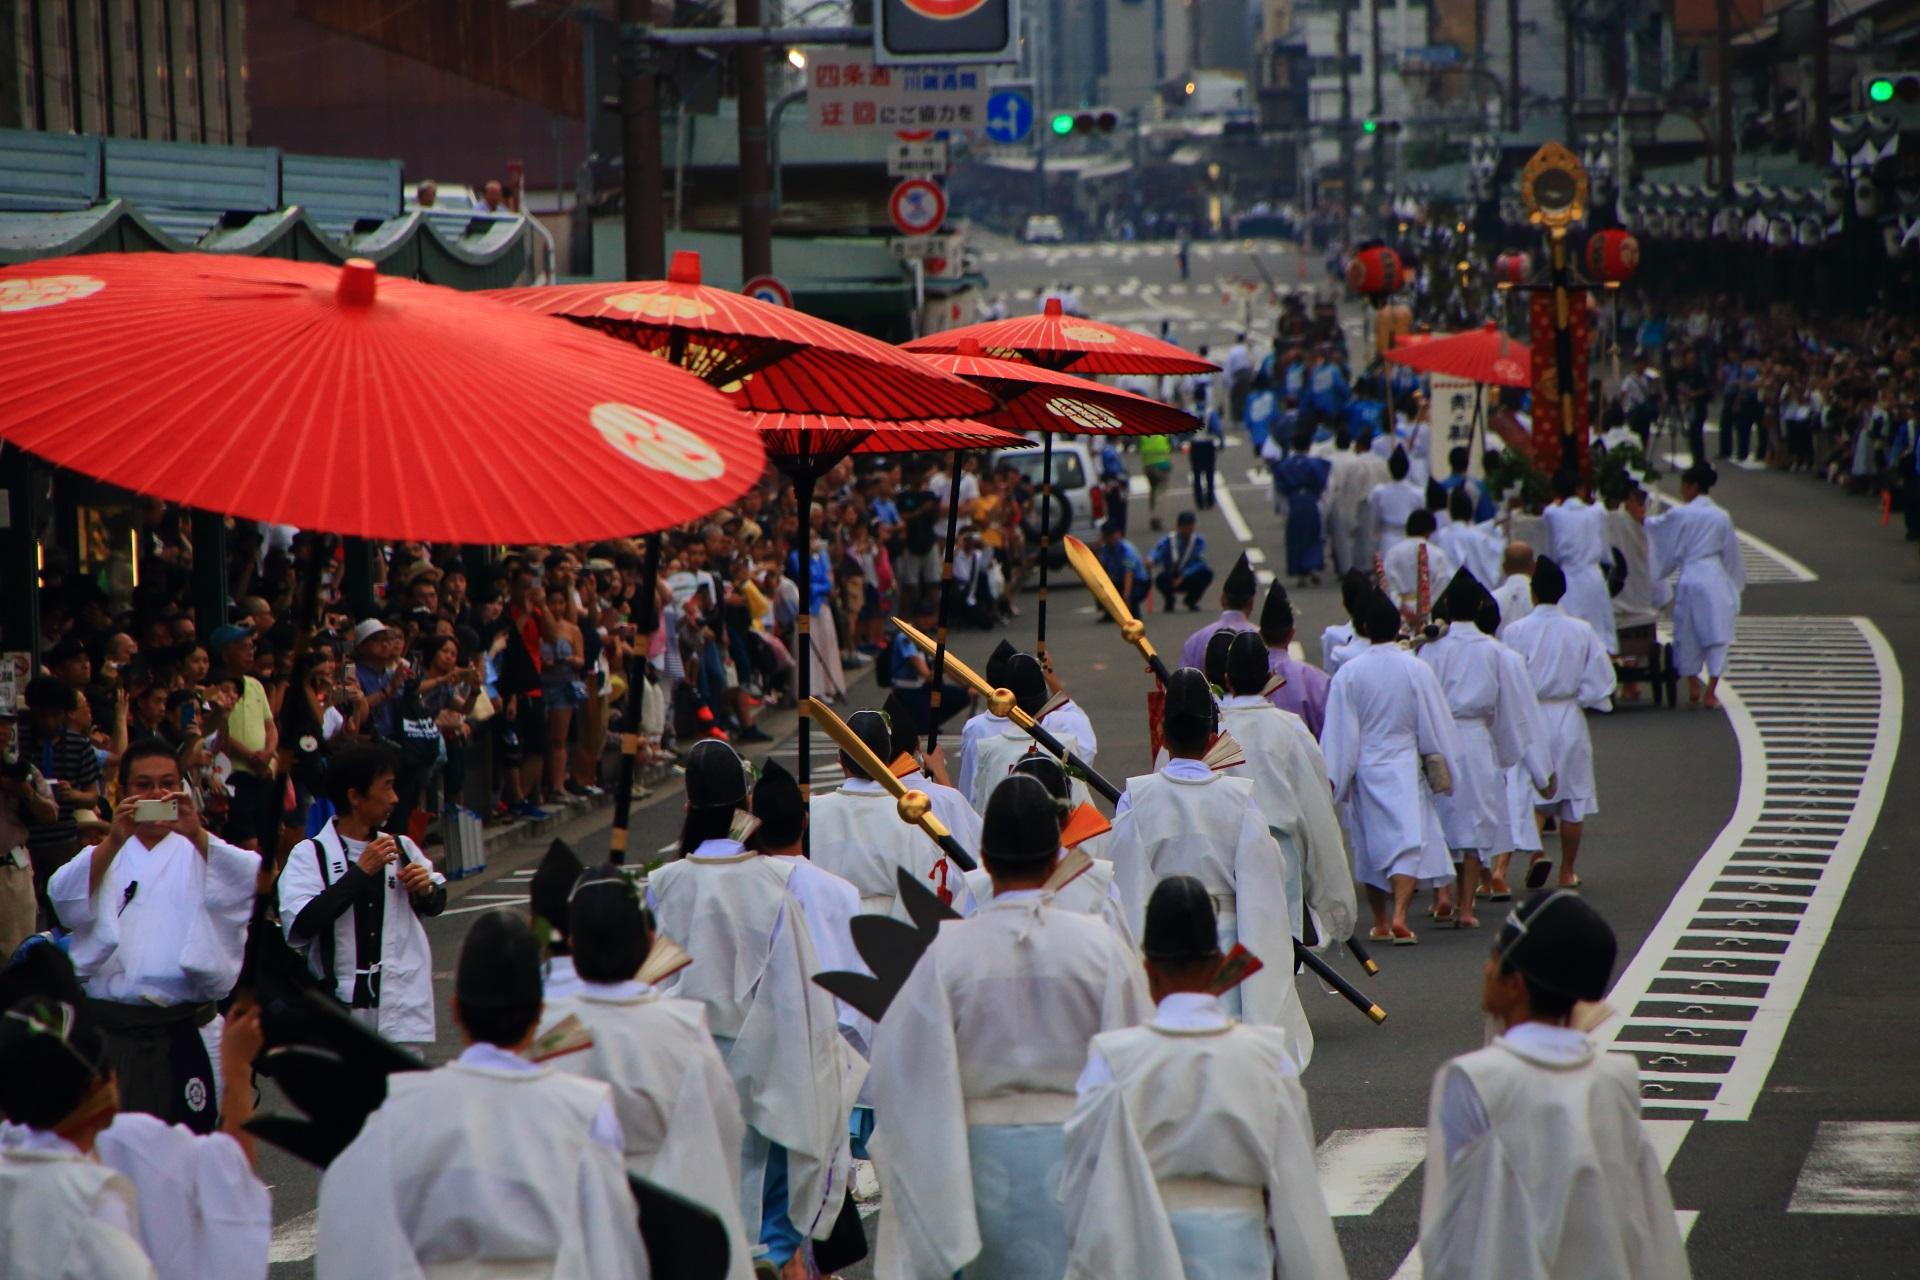 夕暮れに映える神幸祭の赤い和傘